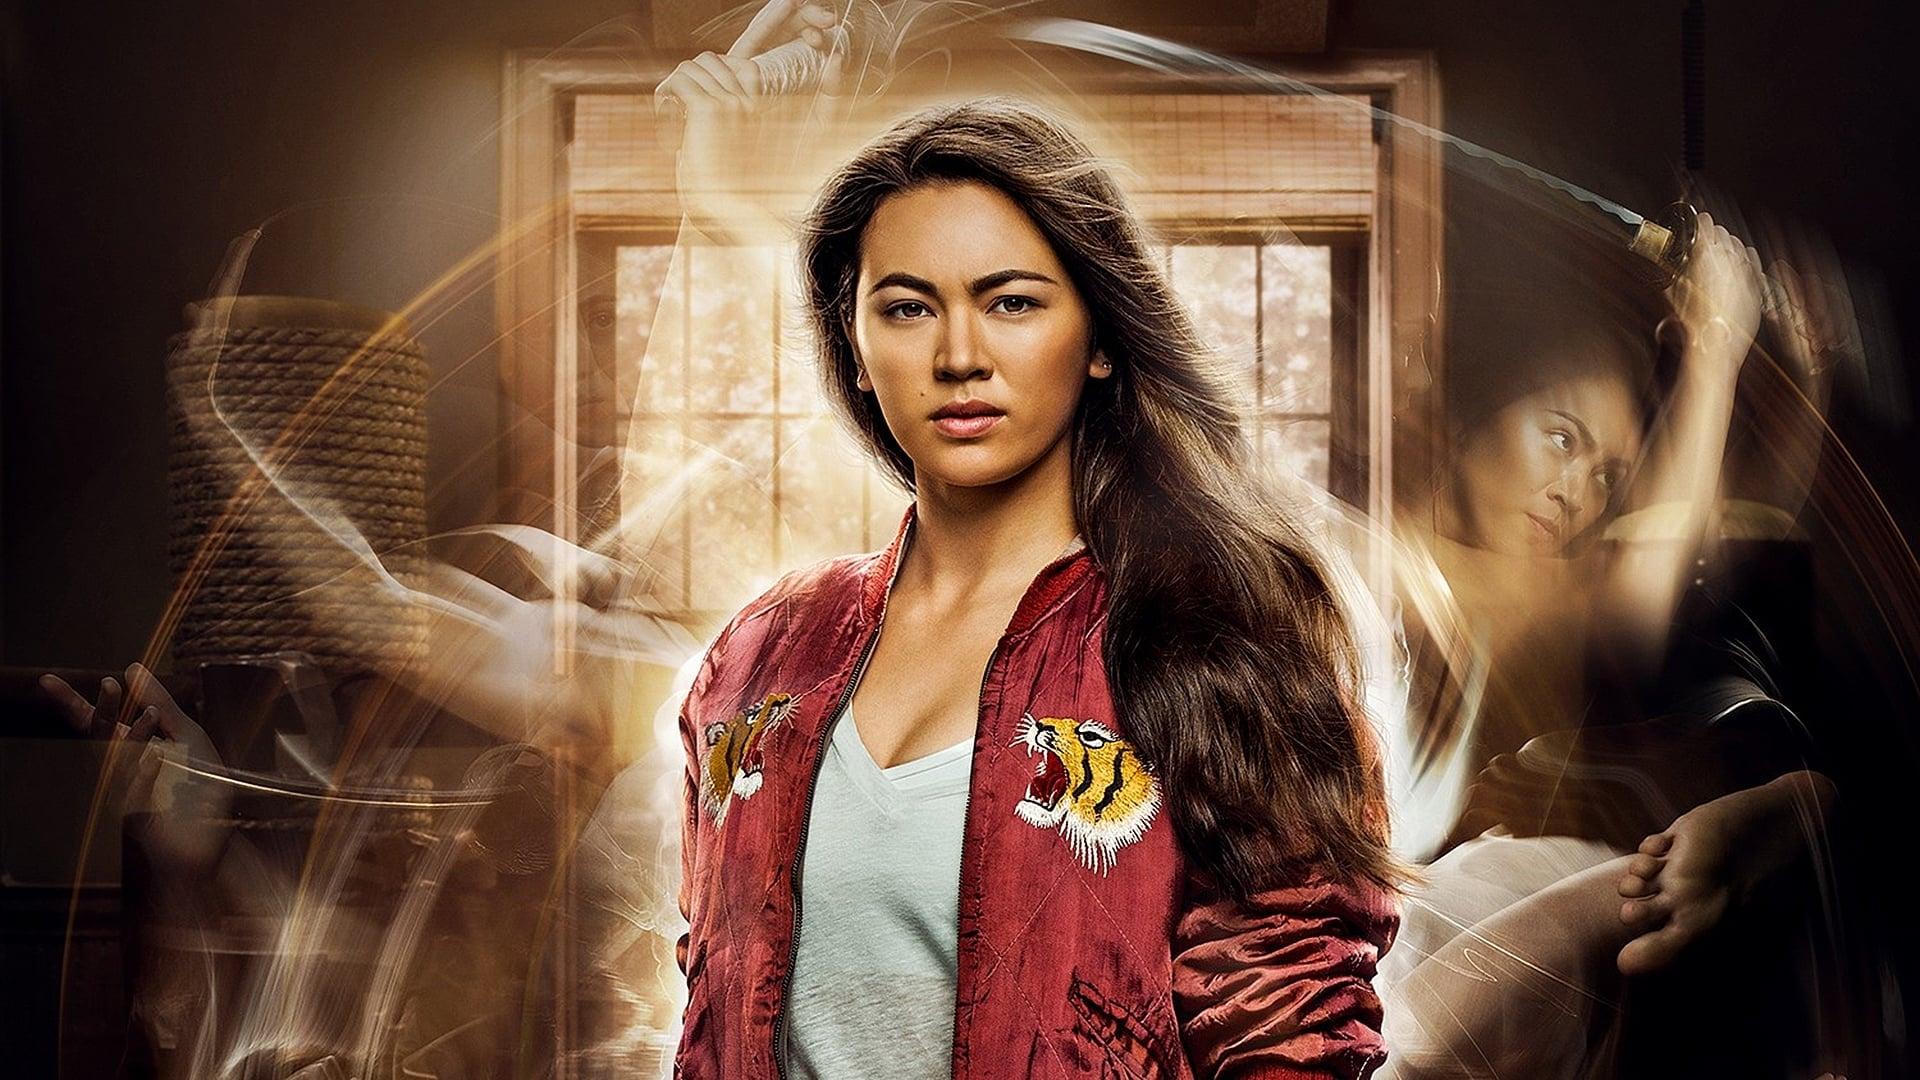 Marvel's Iron Fist - Season marvel Episode s